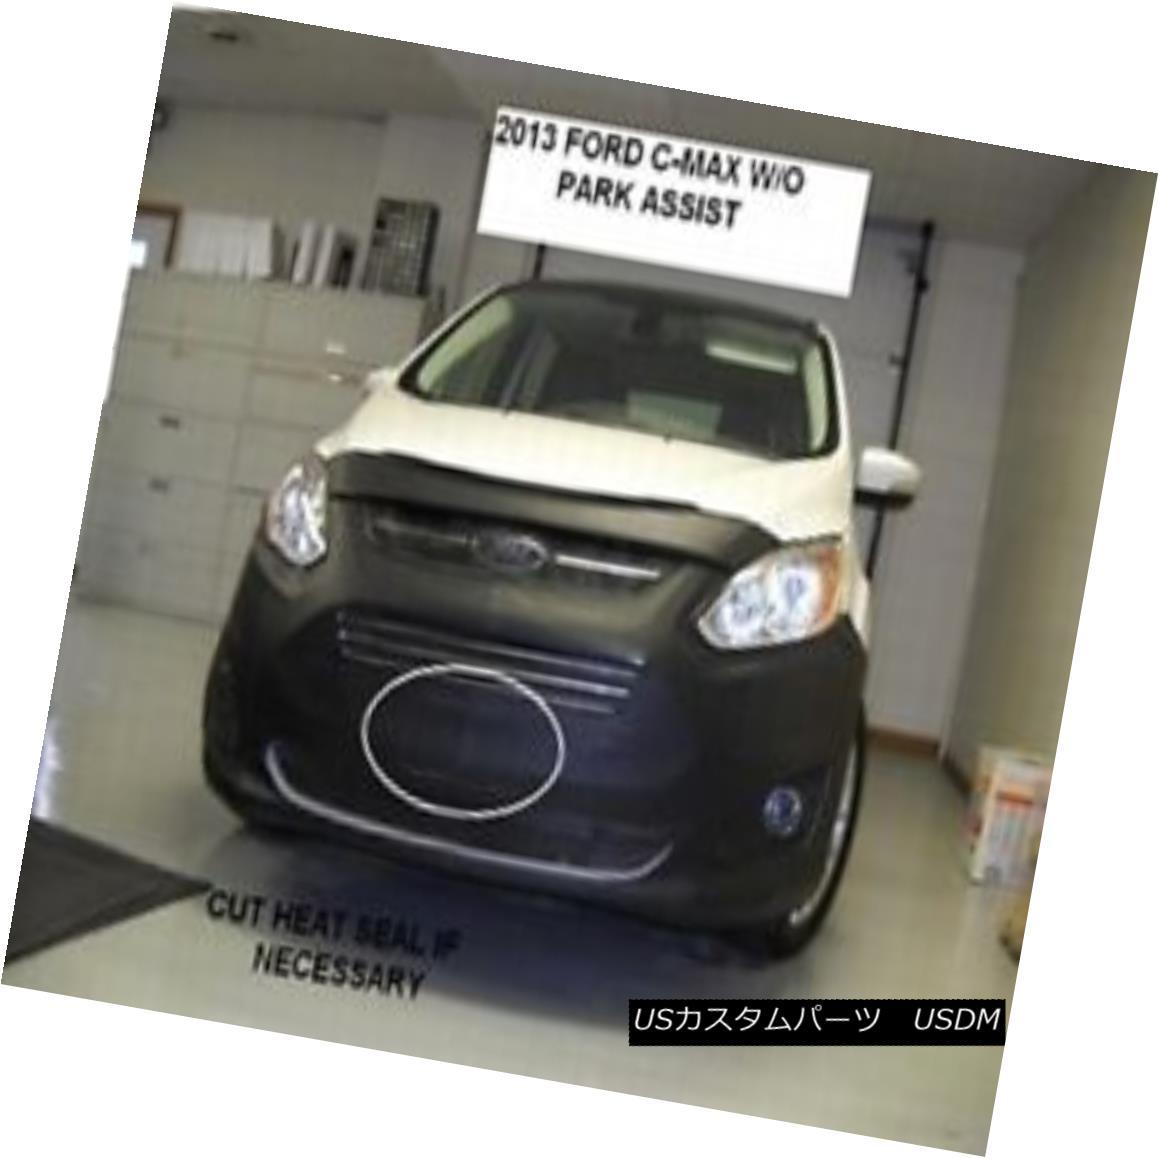 フルブラ ノーズブラ Lebra Front End Mask Bra Fits Ford C-Max 2013-2018 model w/o park assist. Lebraフロントエンドマスクブラは、フォードC-Max 2013-2018モデル(パークアシストなし)に適合します。